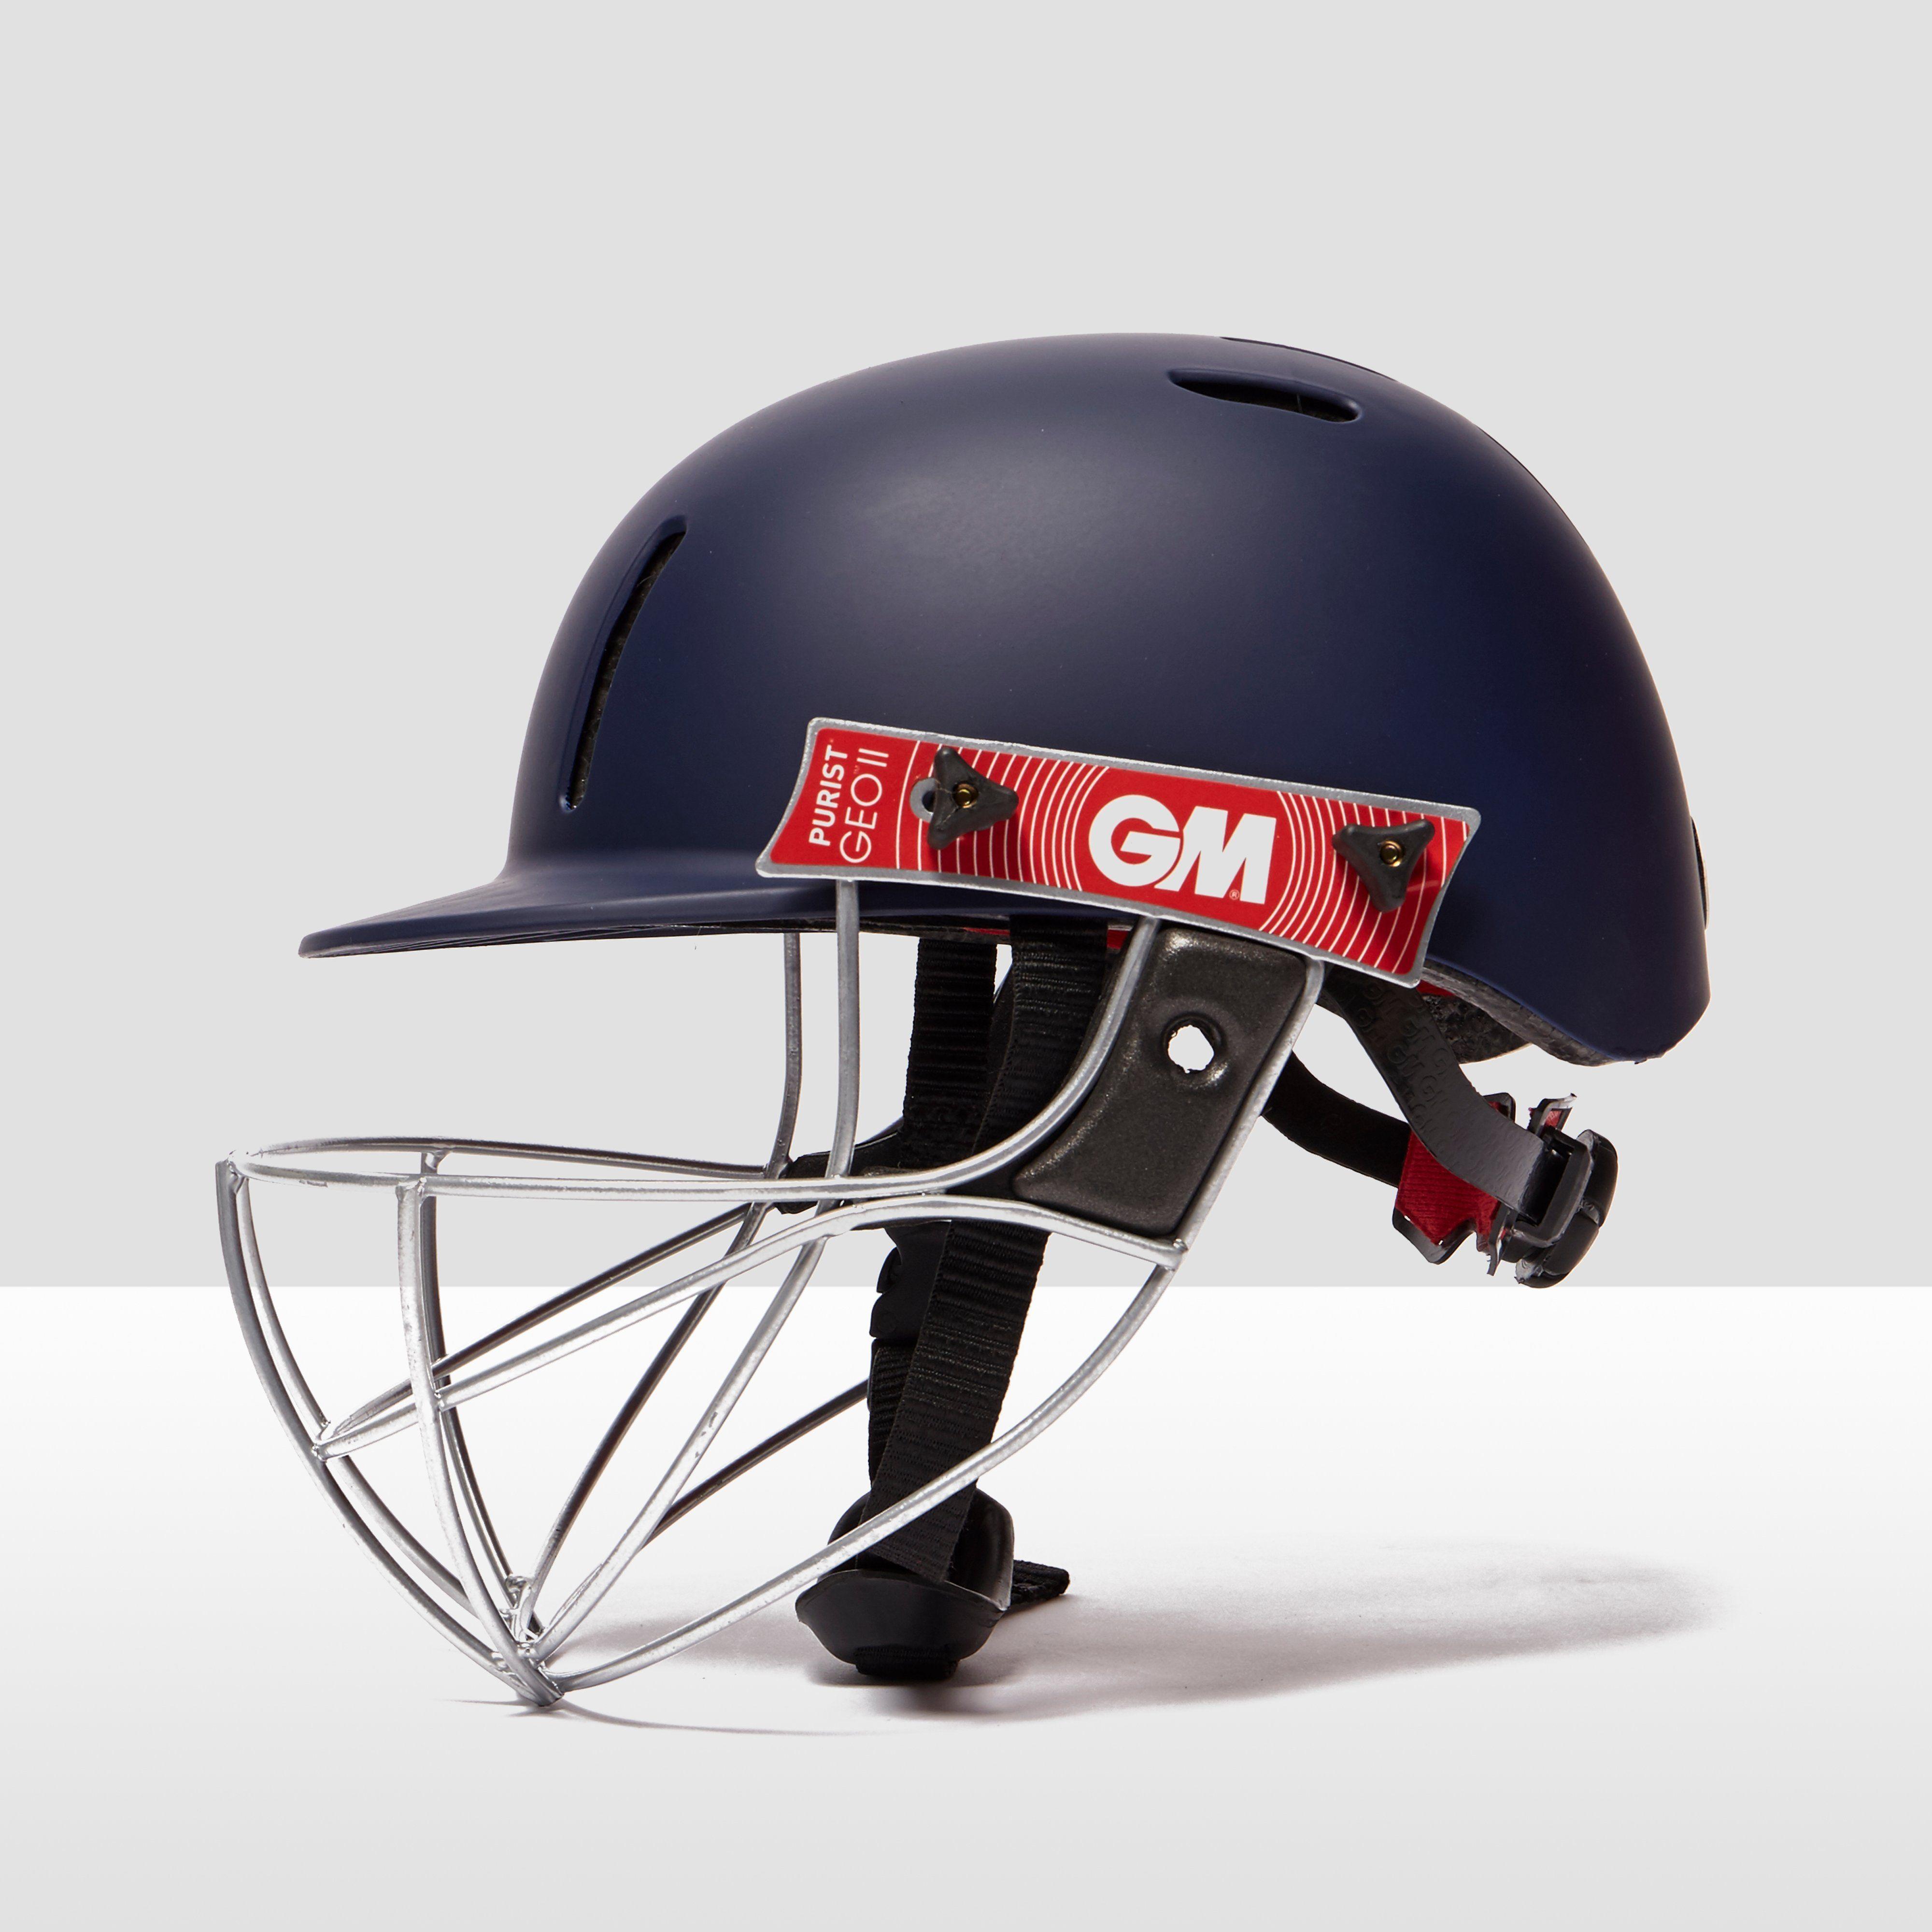 Gunn & Moore Purist Geo II Helmet